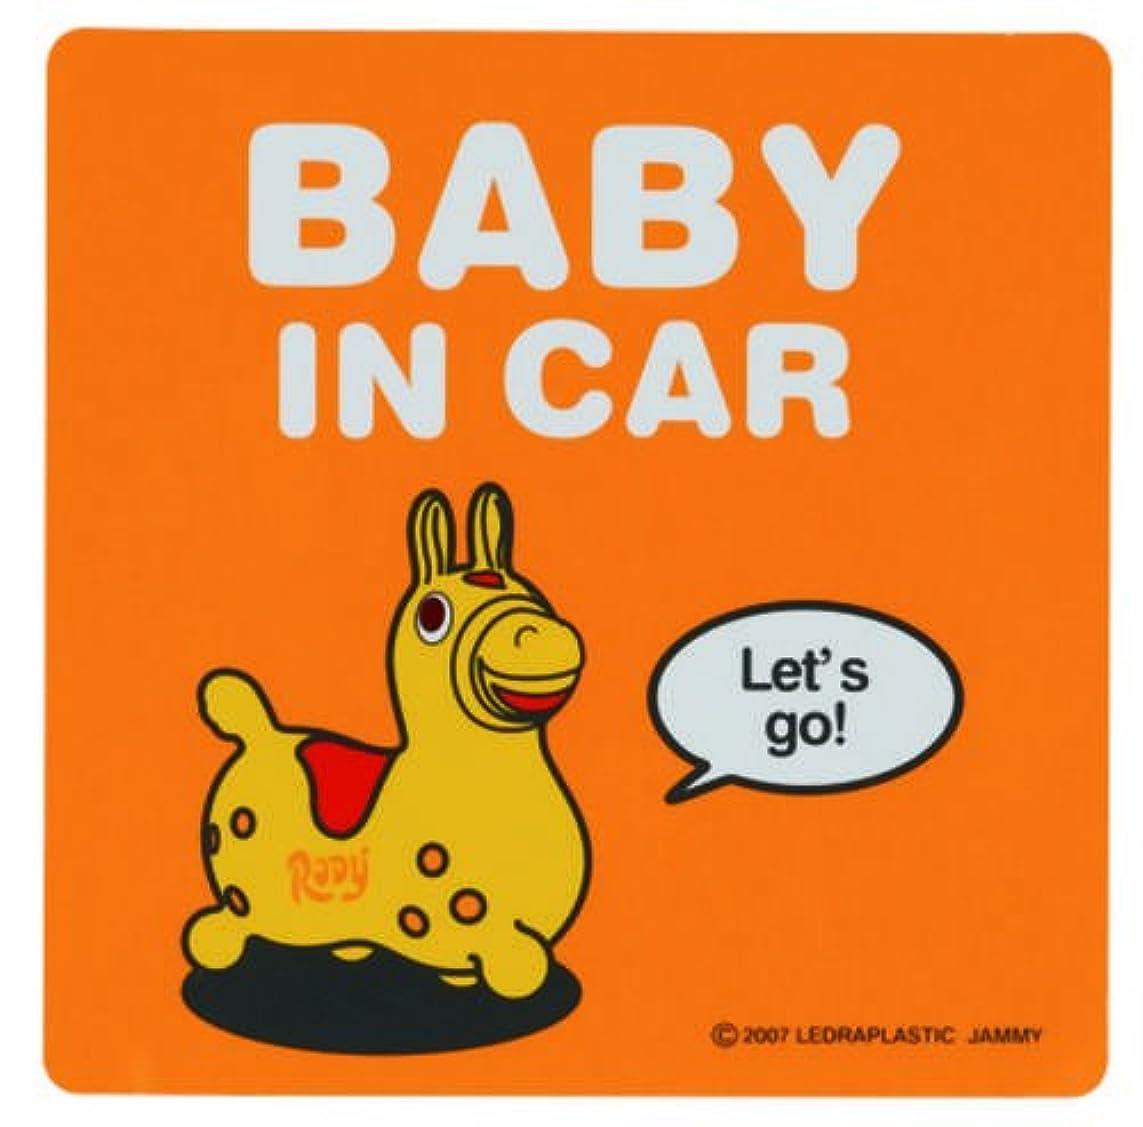 意外変色する単にタカラトミー ロディ ゴーゴードライブ ステッカー BABY IN CAR